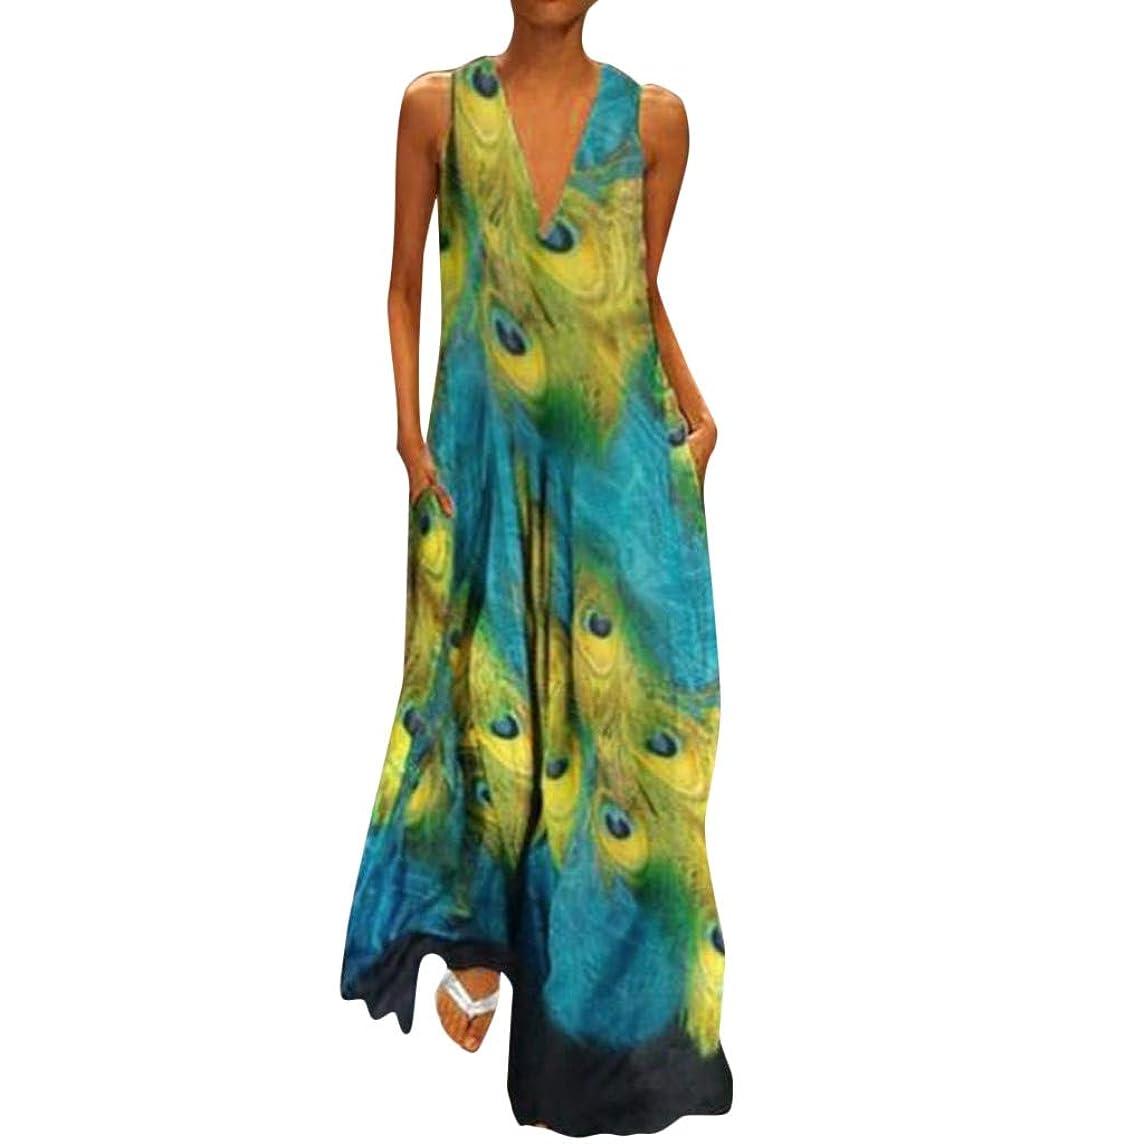 HAALIFE??Women Chiffon Dress Plus Size Stylish Chiffon v-Neck Boho Maxi Prom Dress Floral Printed Sleeveless Tank Dress